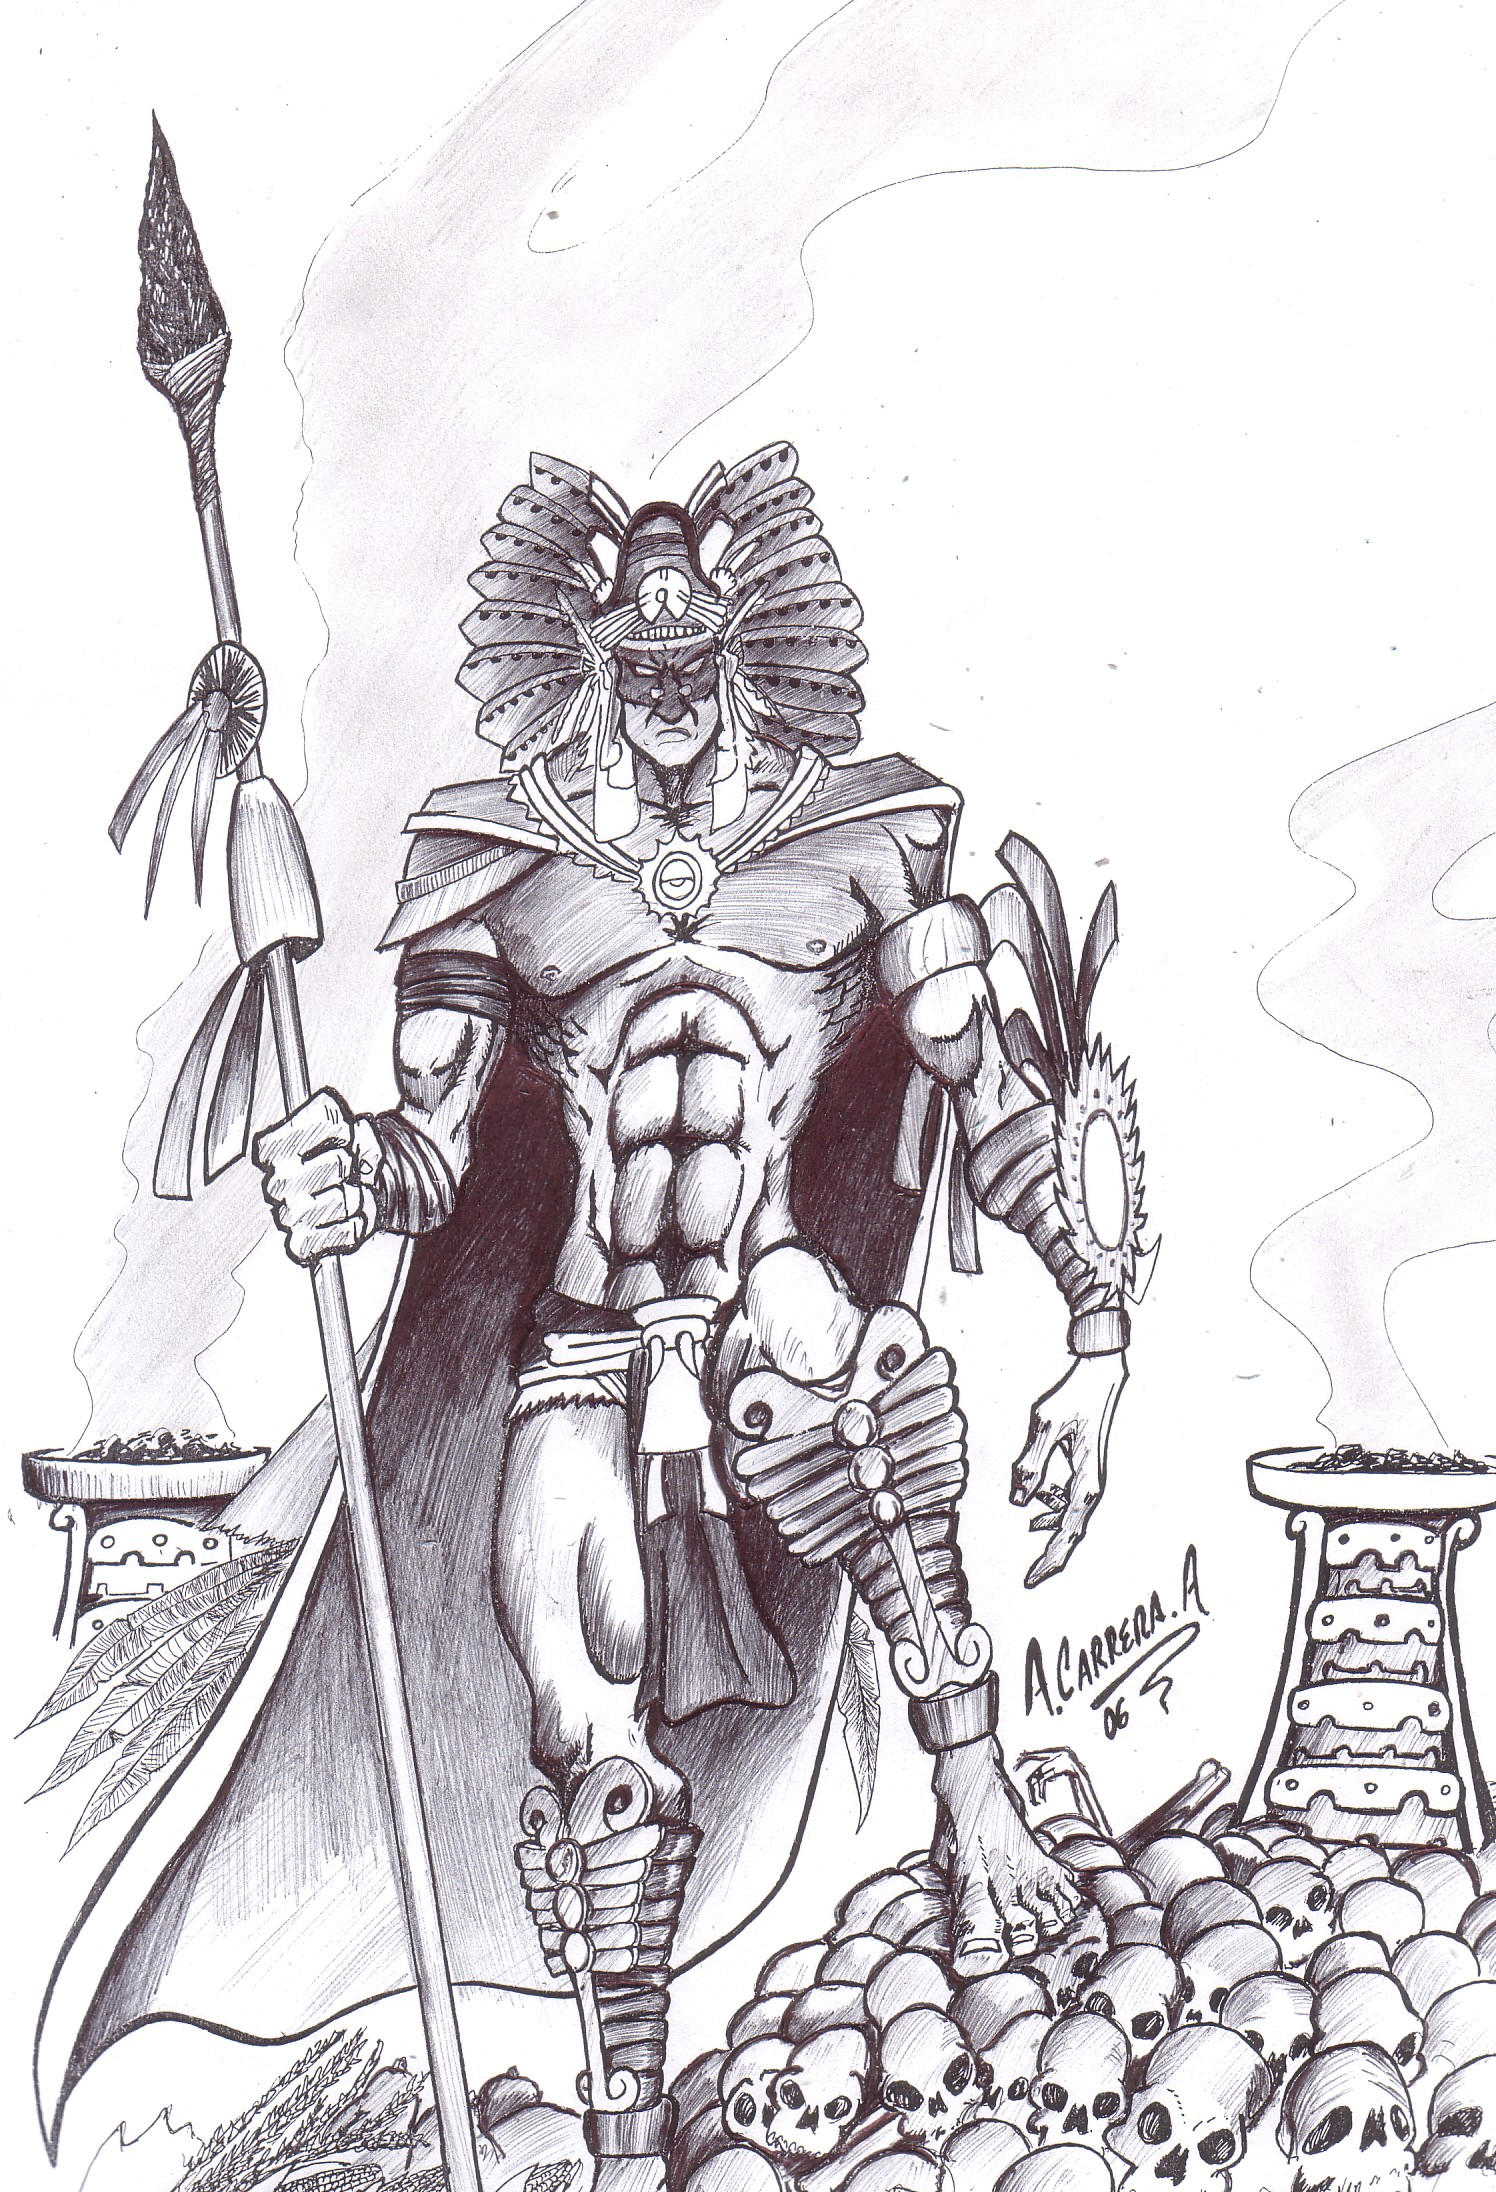 dios de la muerte by AcarreraA on DeviantArt